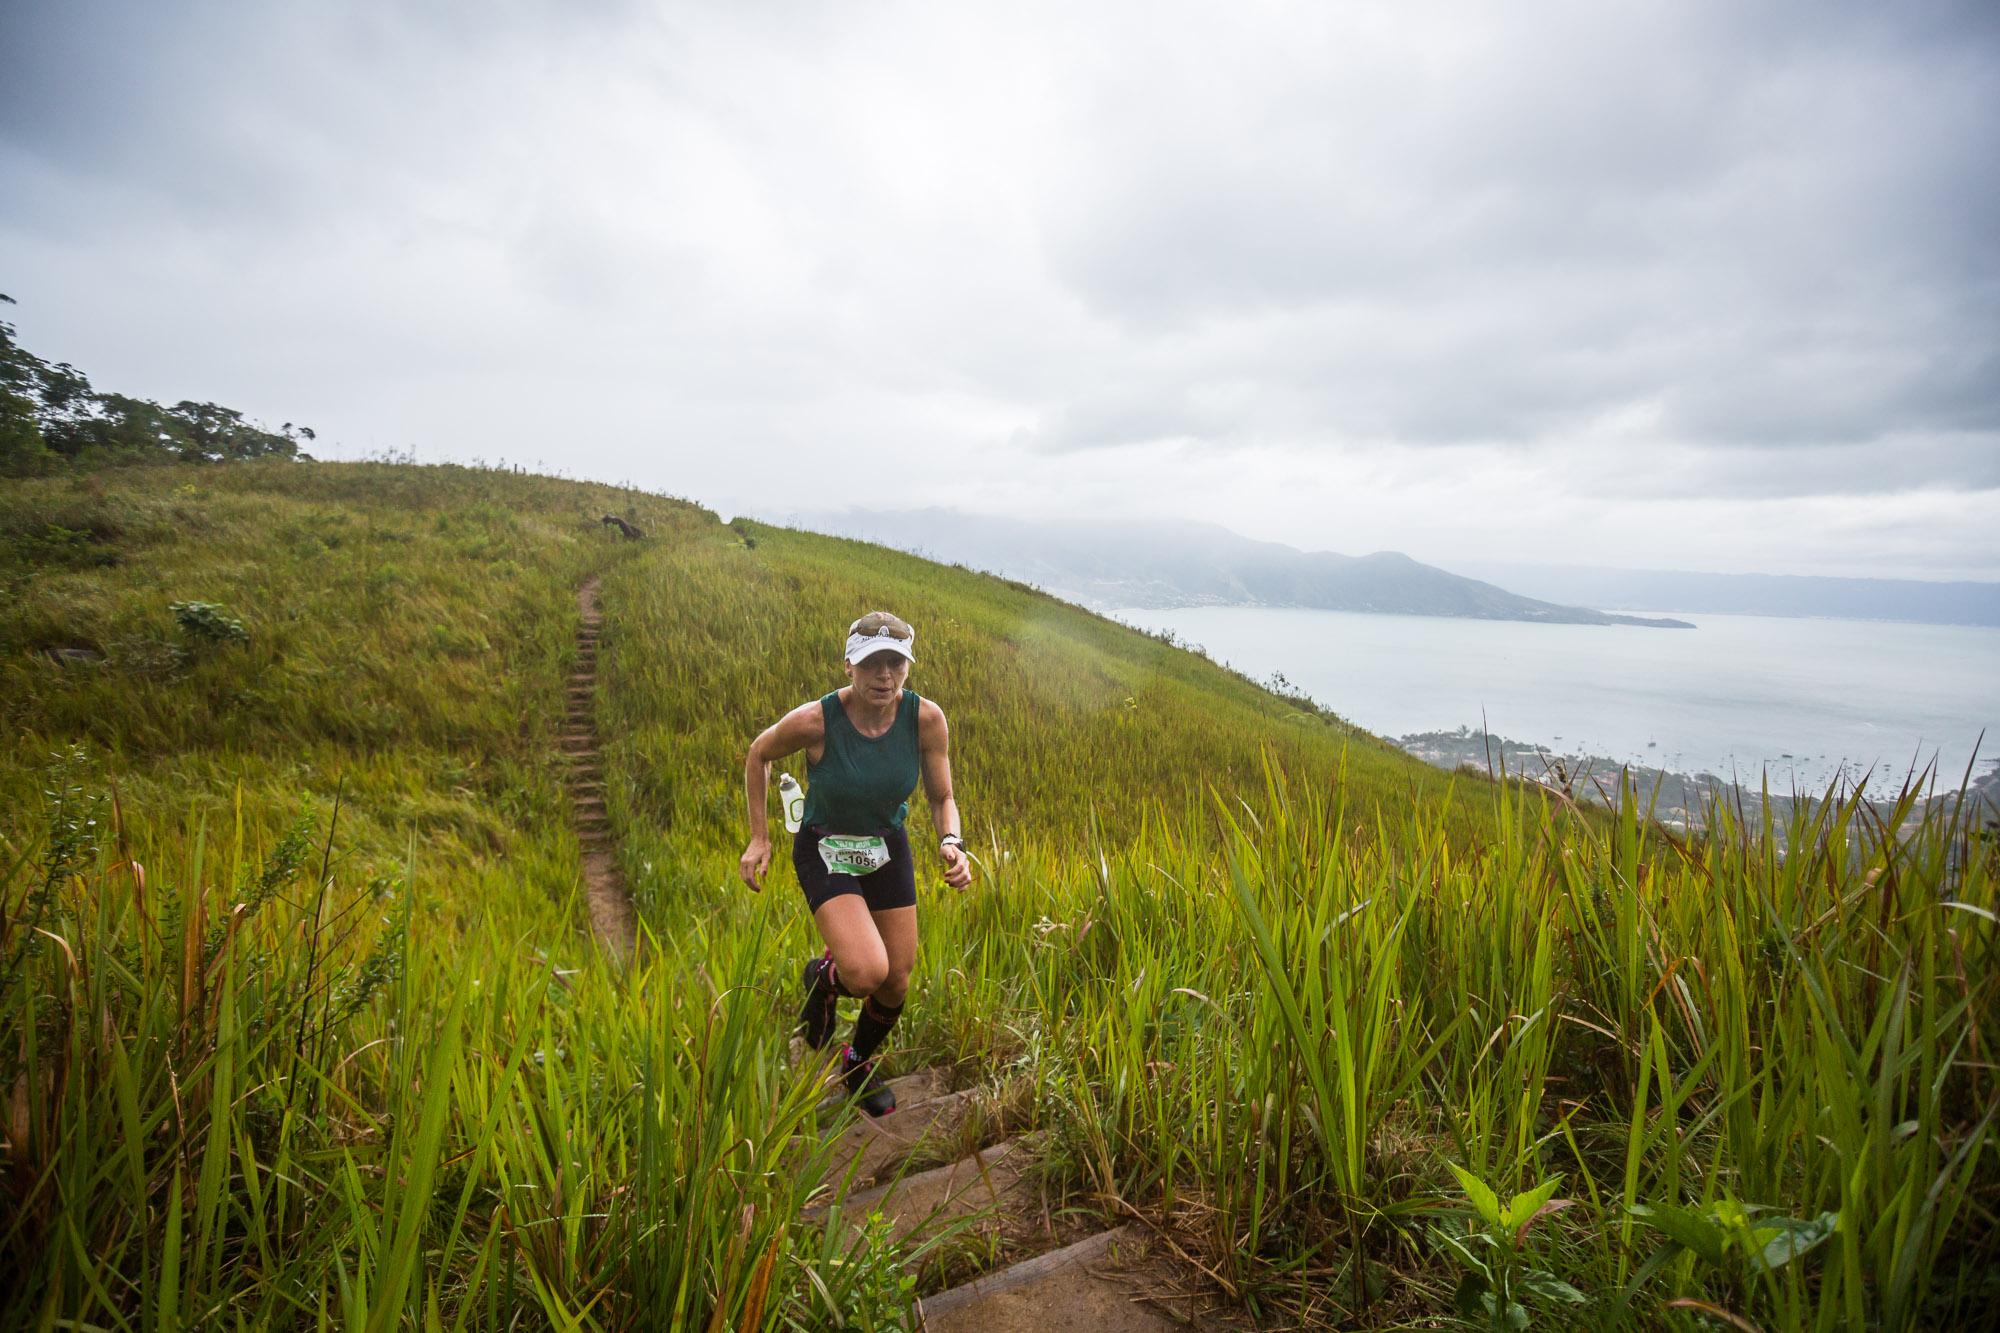 Brasil Ride Trail Run Series Ilhabela (Wladimir Togumi / Brasil Ride)